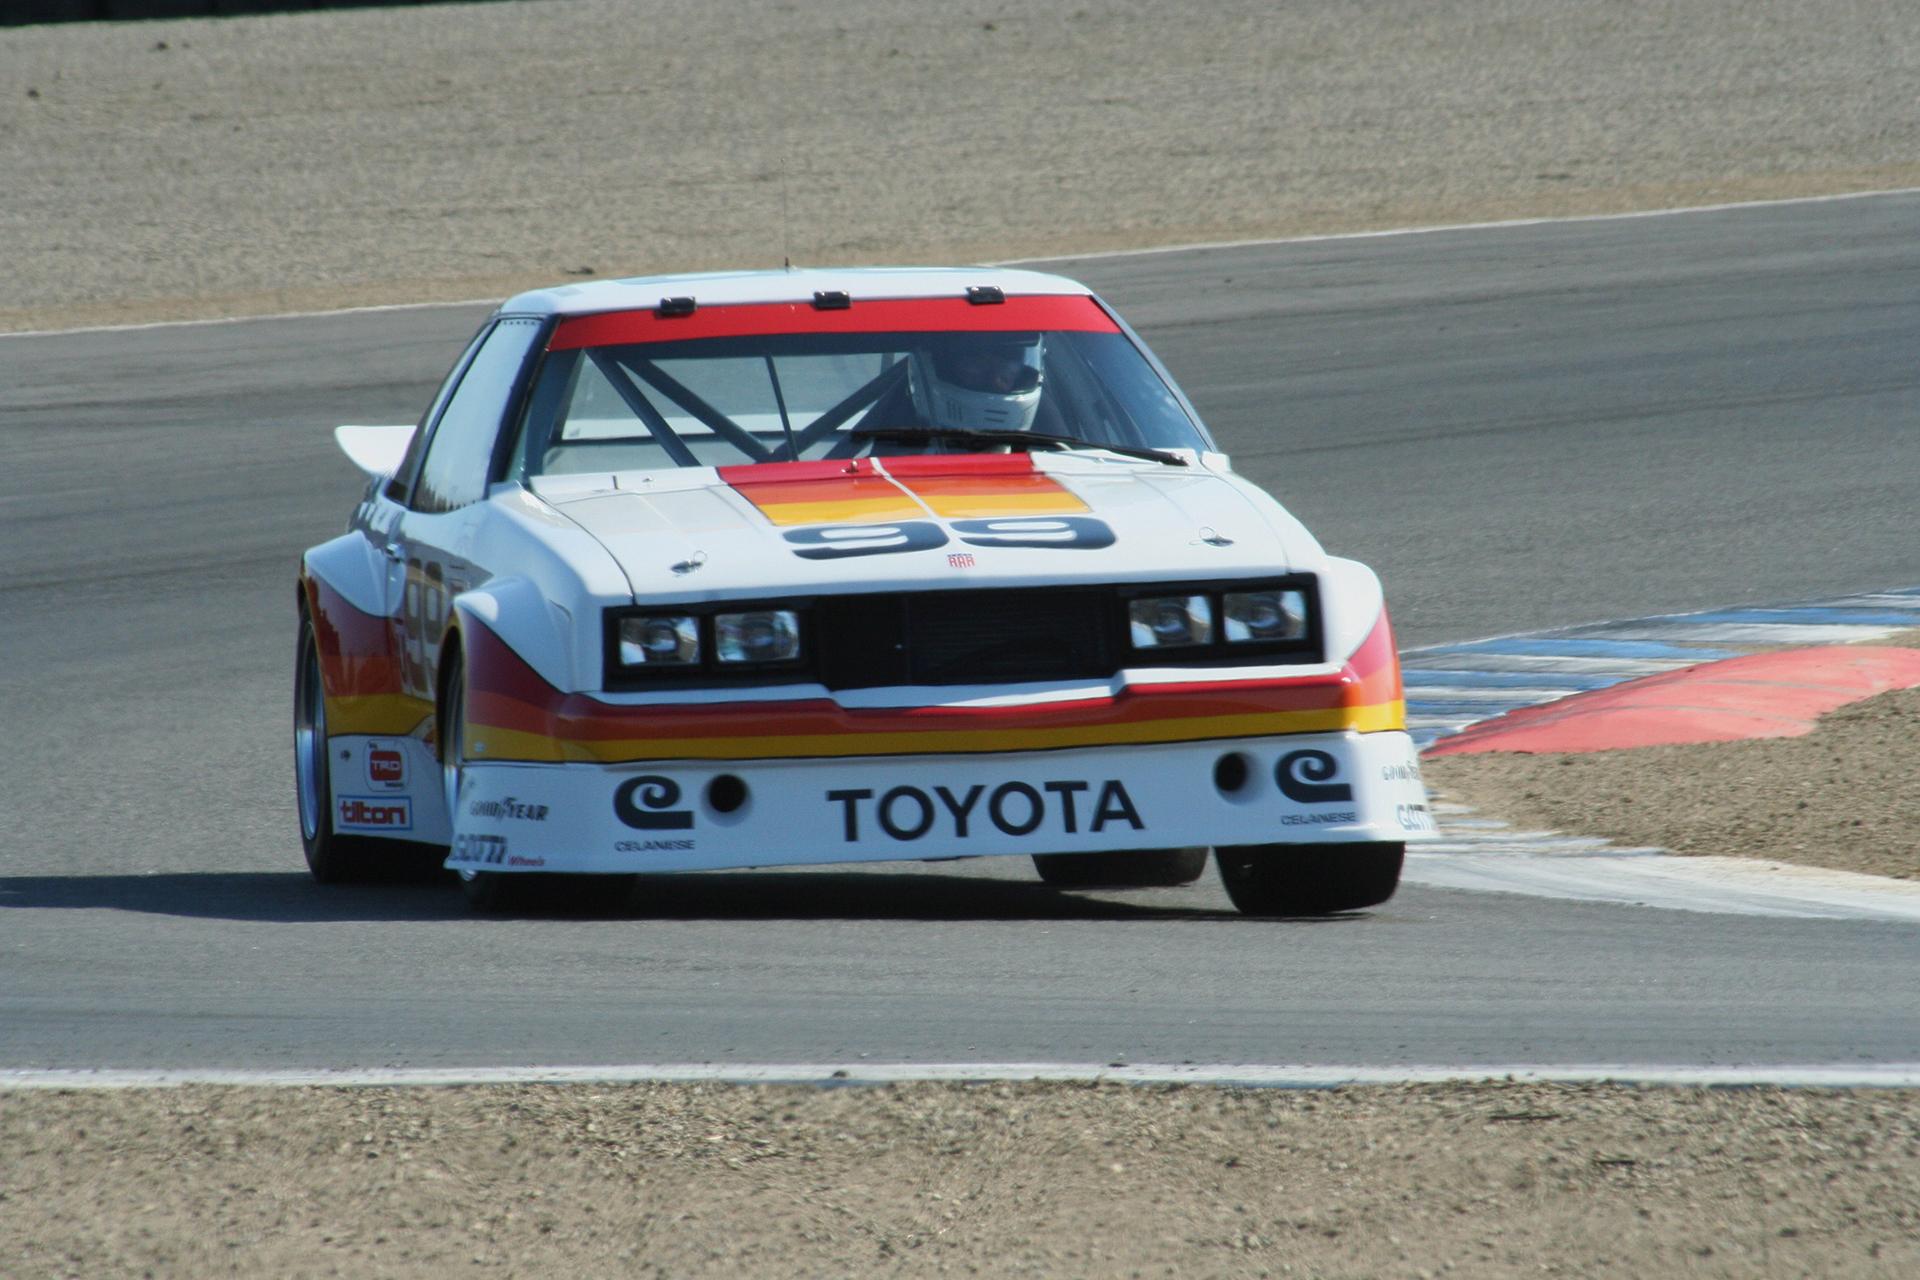 Toyota IMSA GTU class Celica